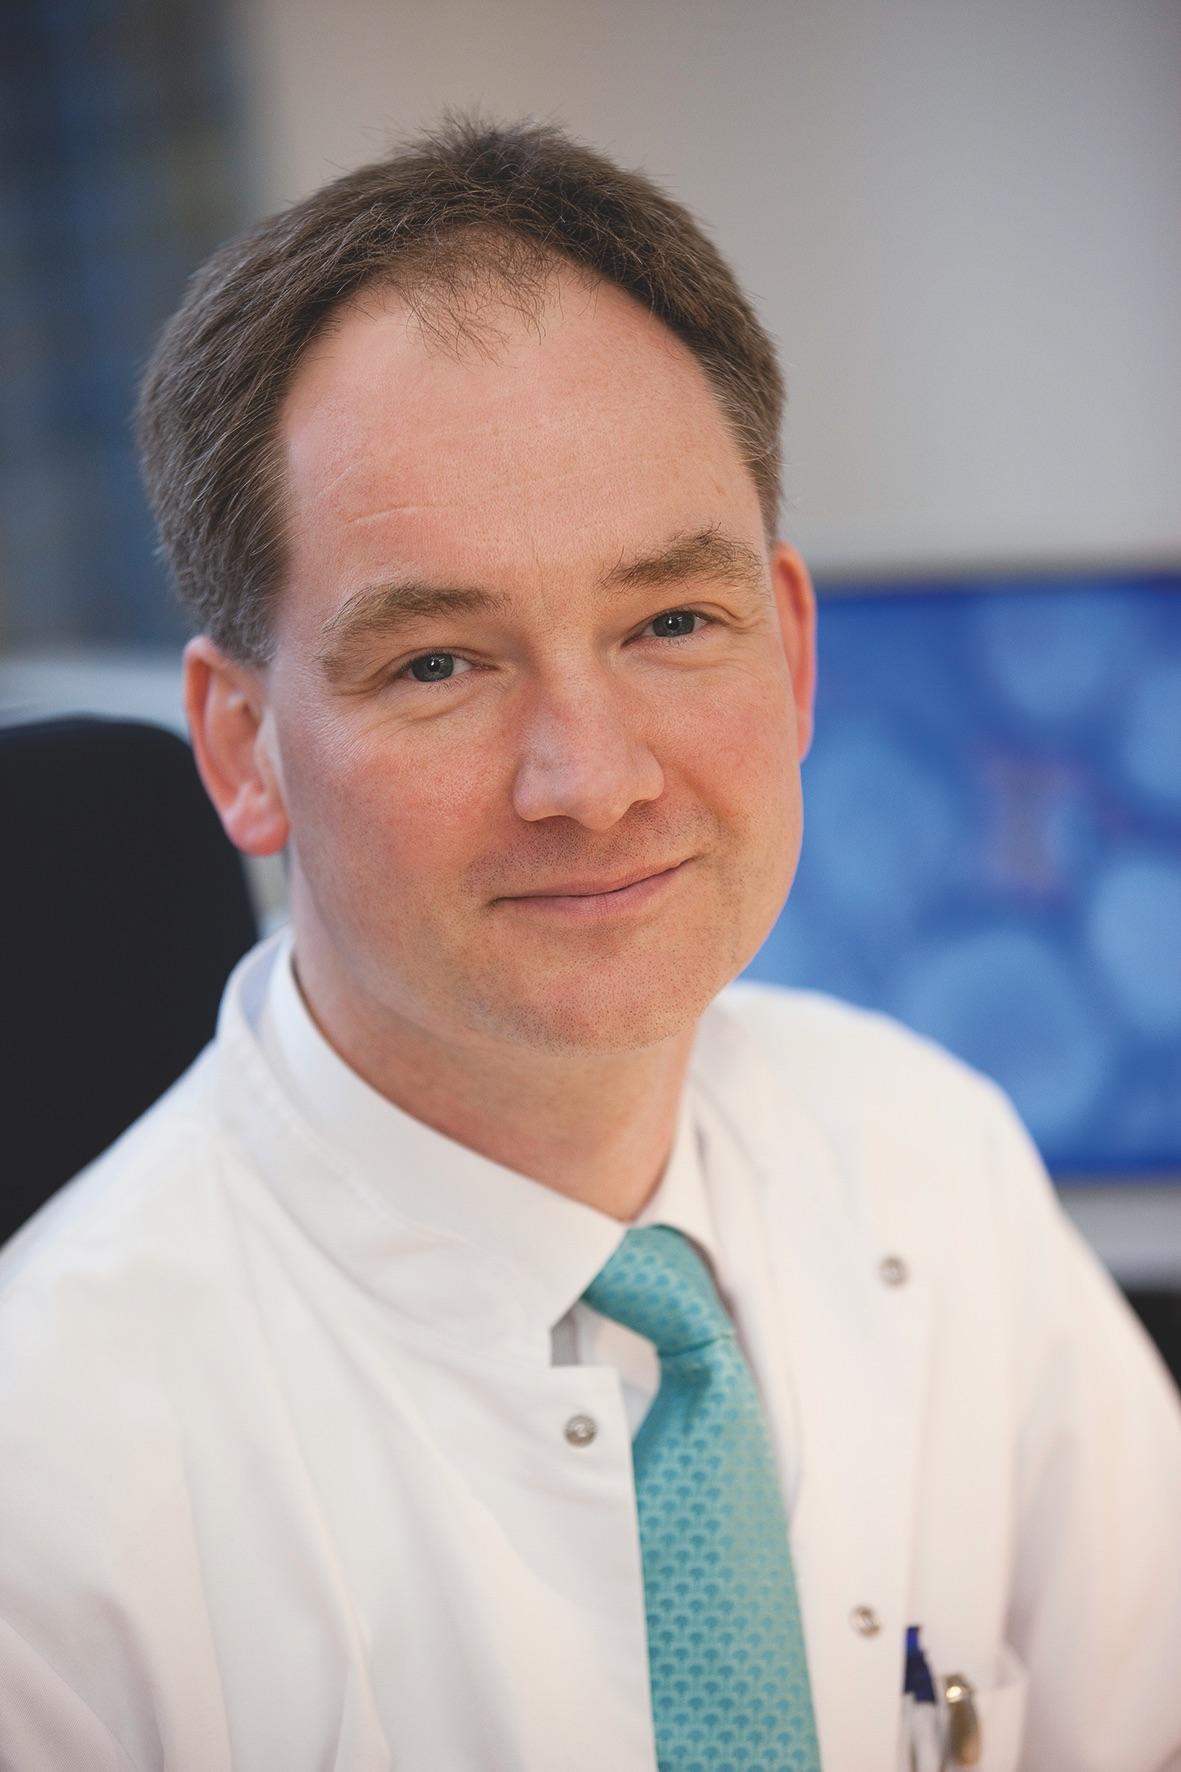 Prof. Dr. Jan Braess